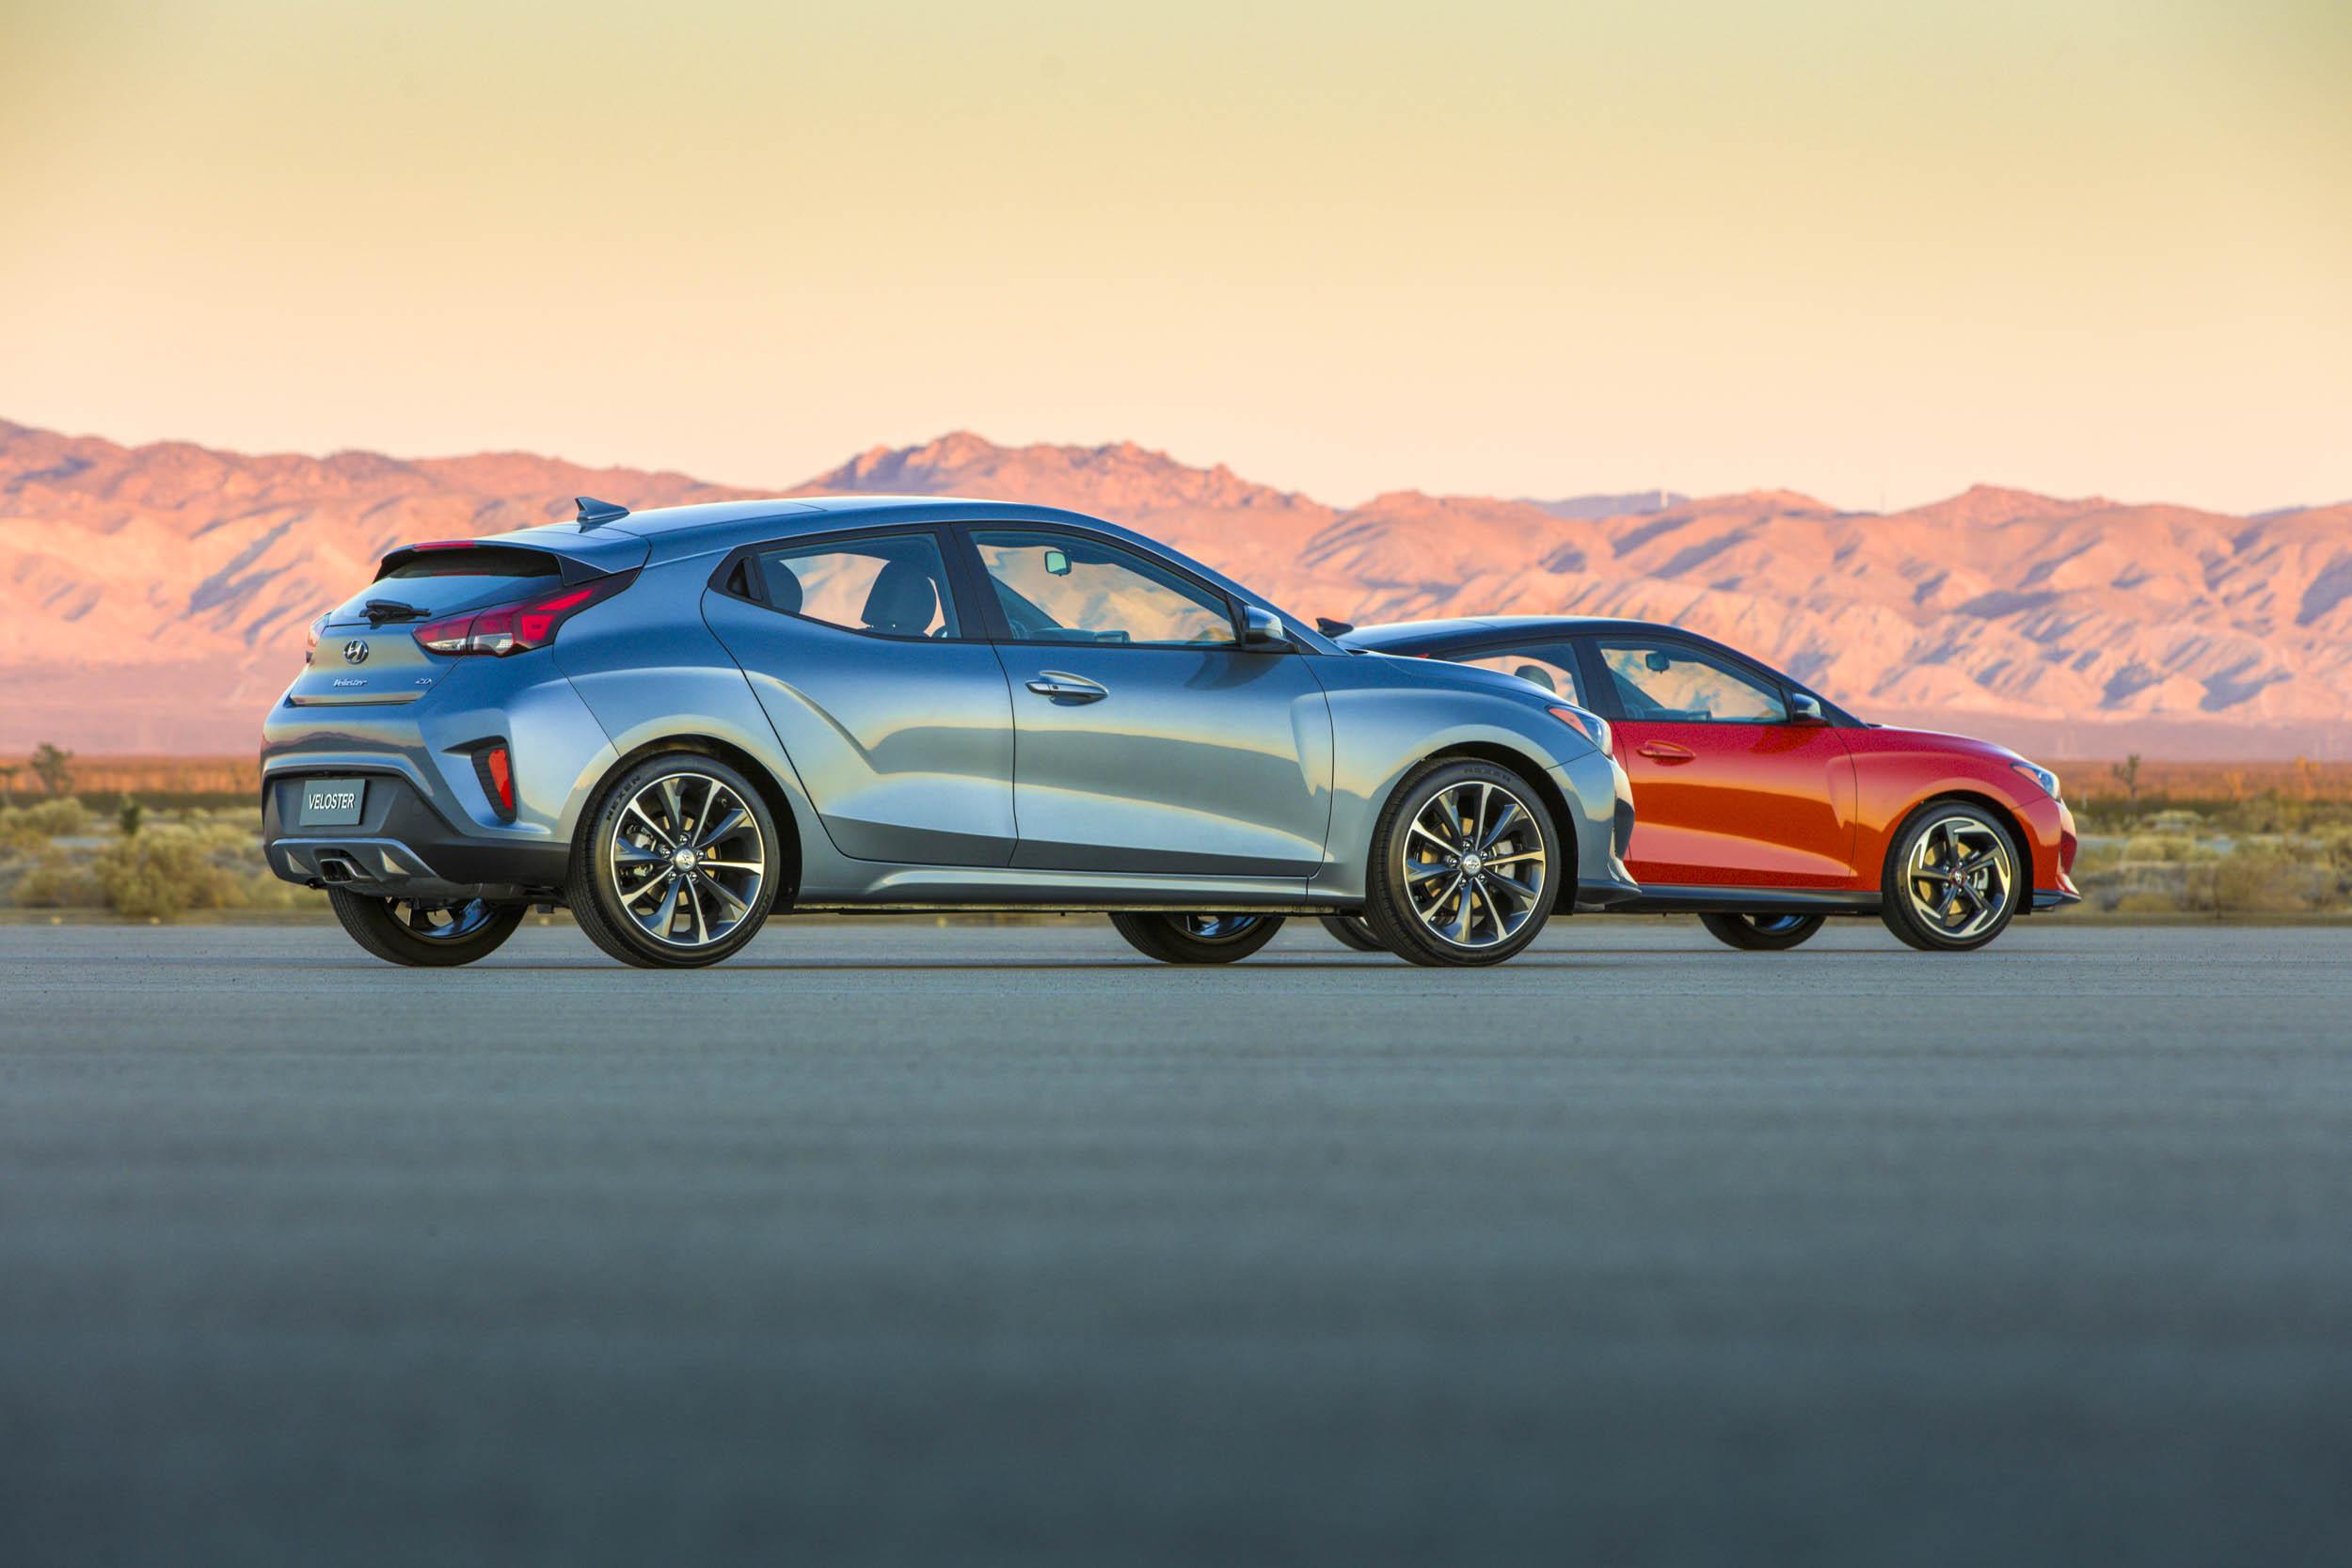 pair of 2019 Hyundai Velosters